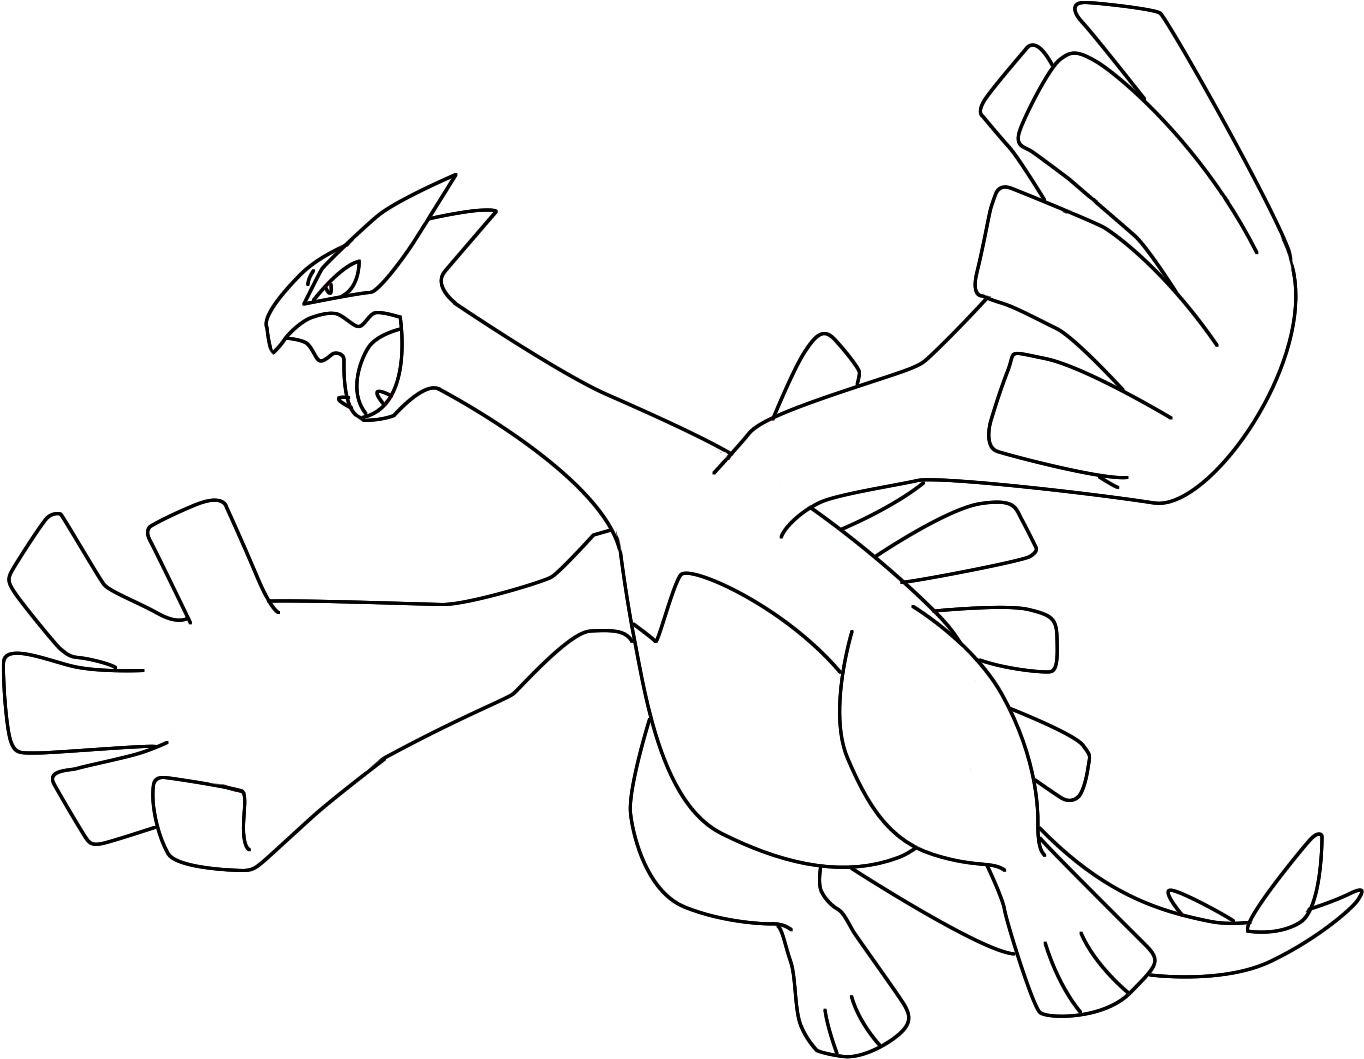 How To Draw Lugia Draw Central Pokemon Coloring Pokemon Coloring Pages Coloring Pages